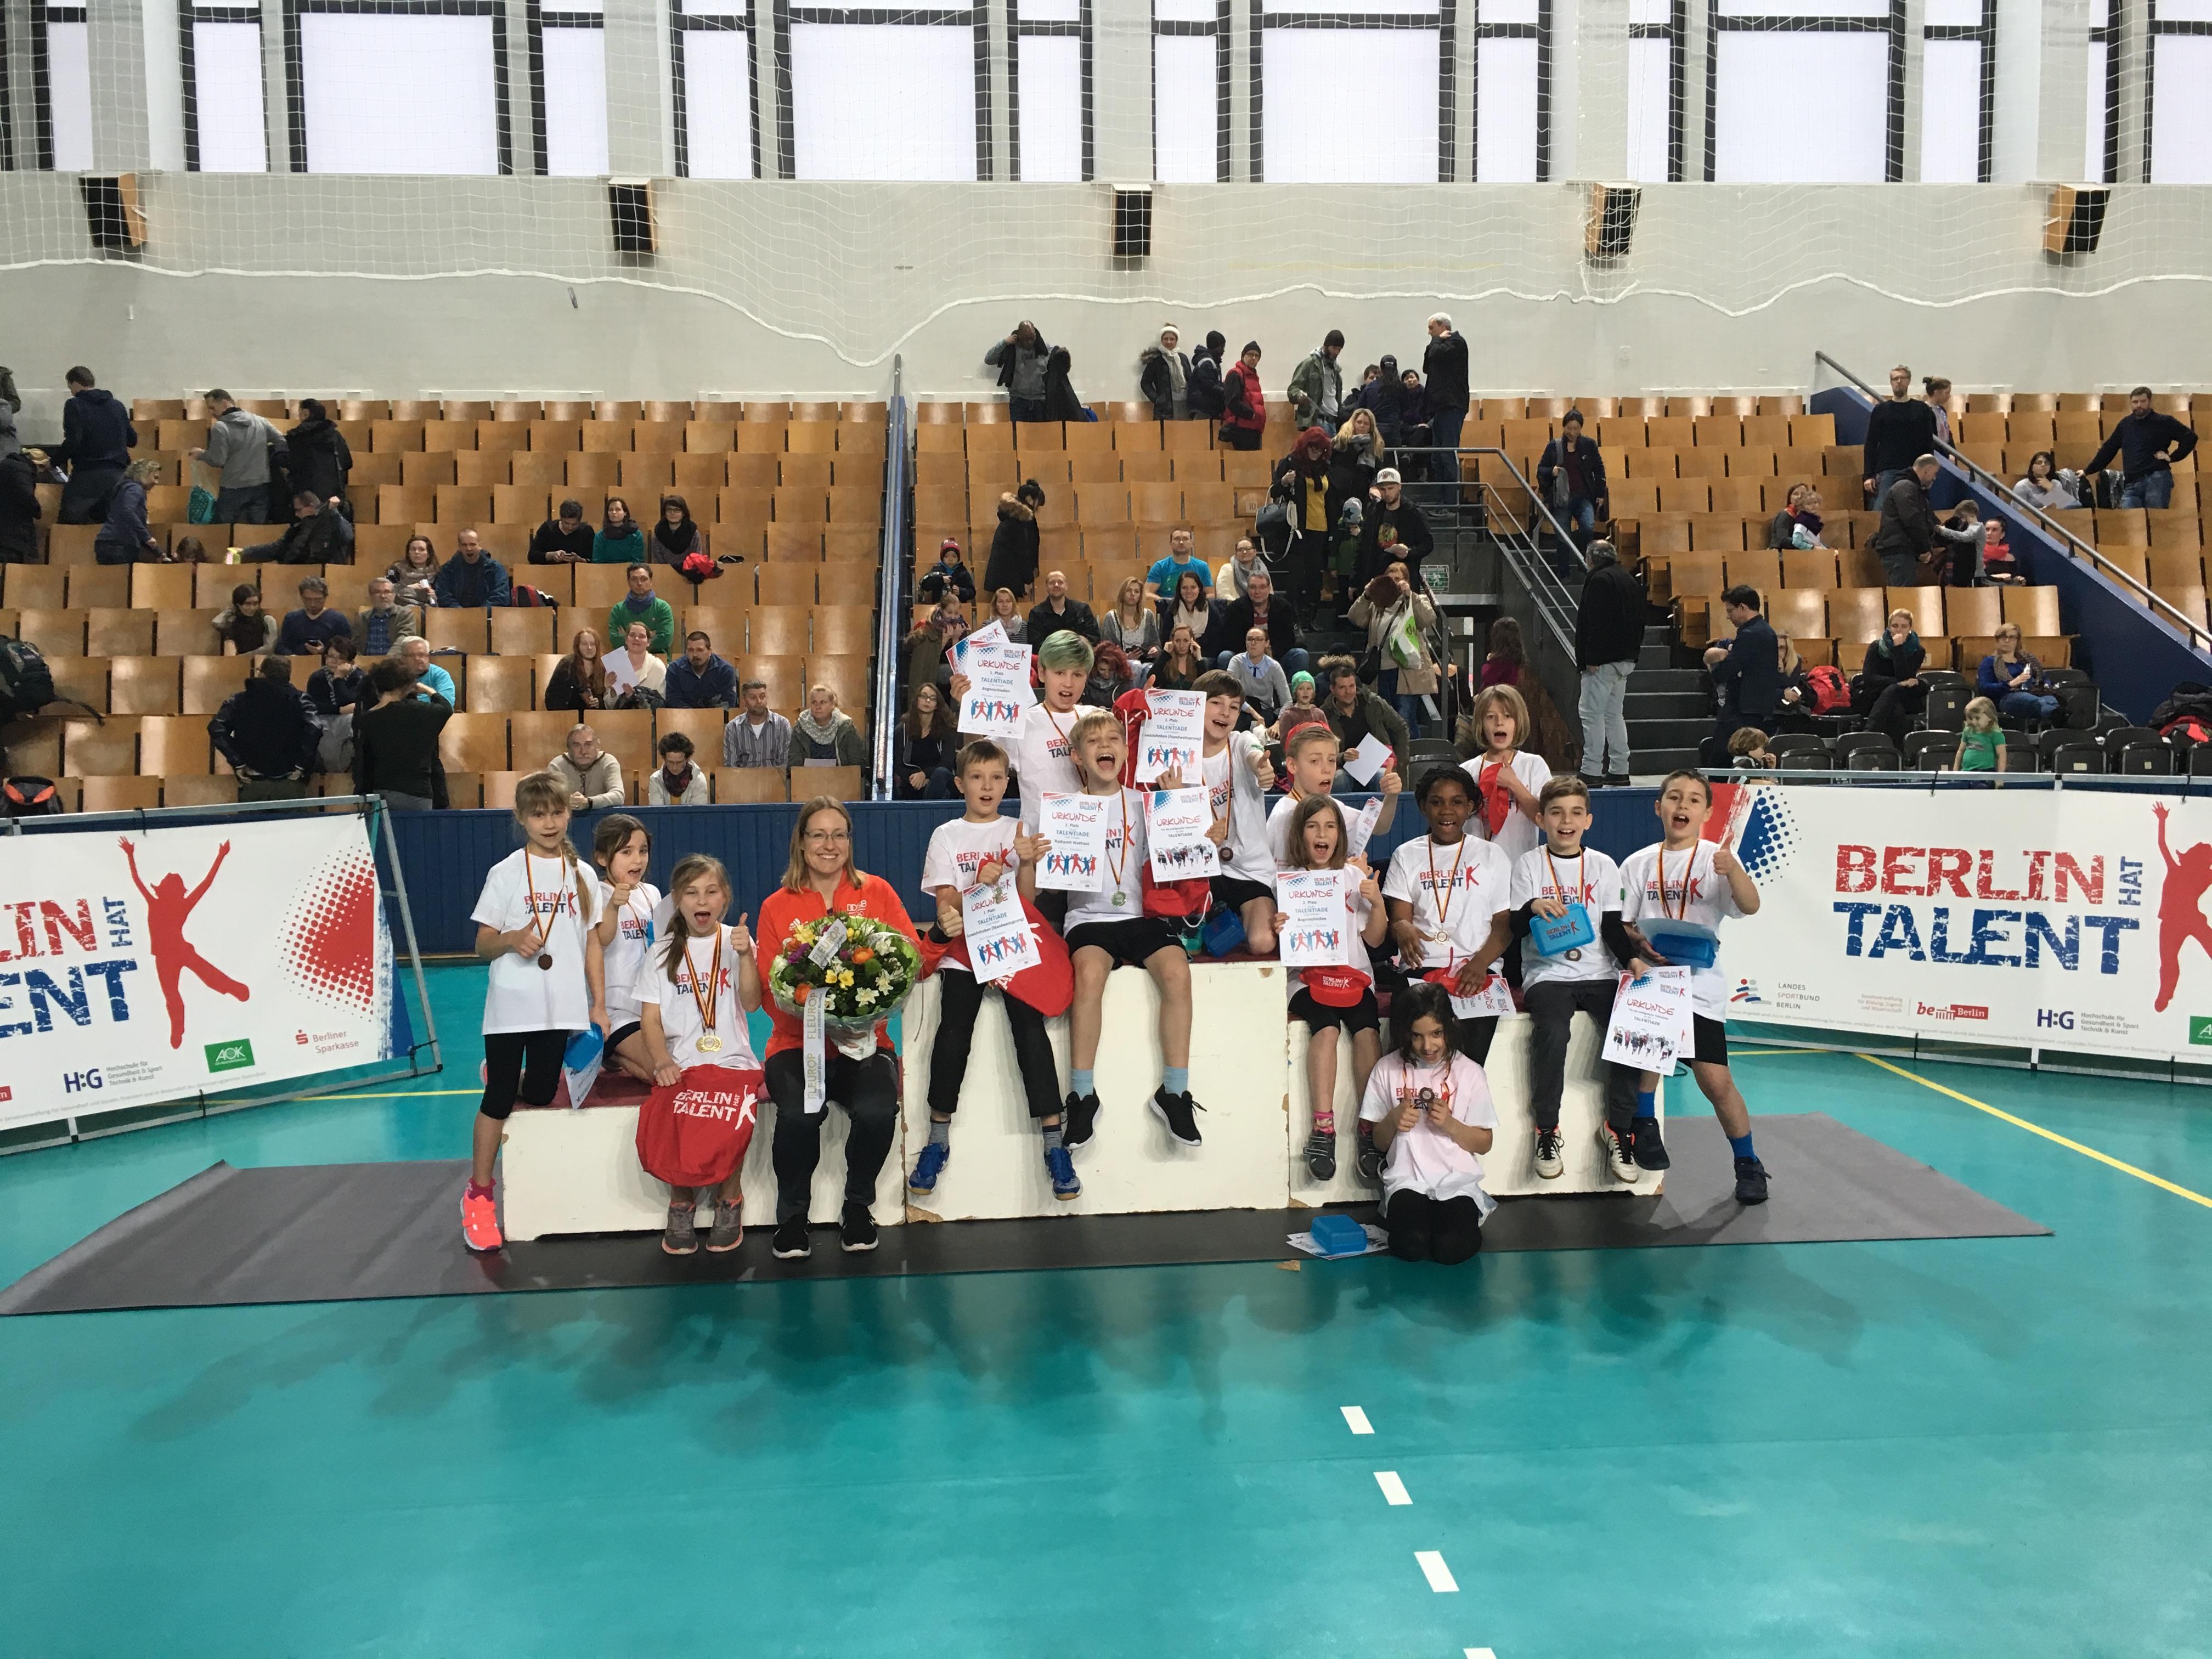 LSB, Berlin hat Talent, Fleurop, Lisa Unruh und die Medaillengewinner der Talentiade